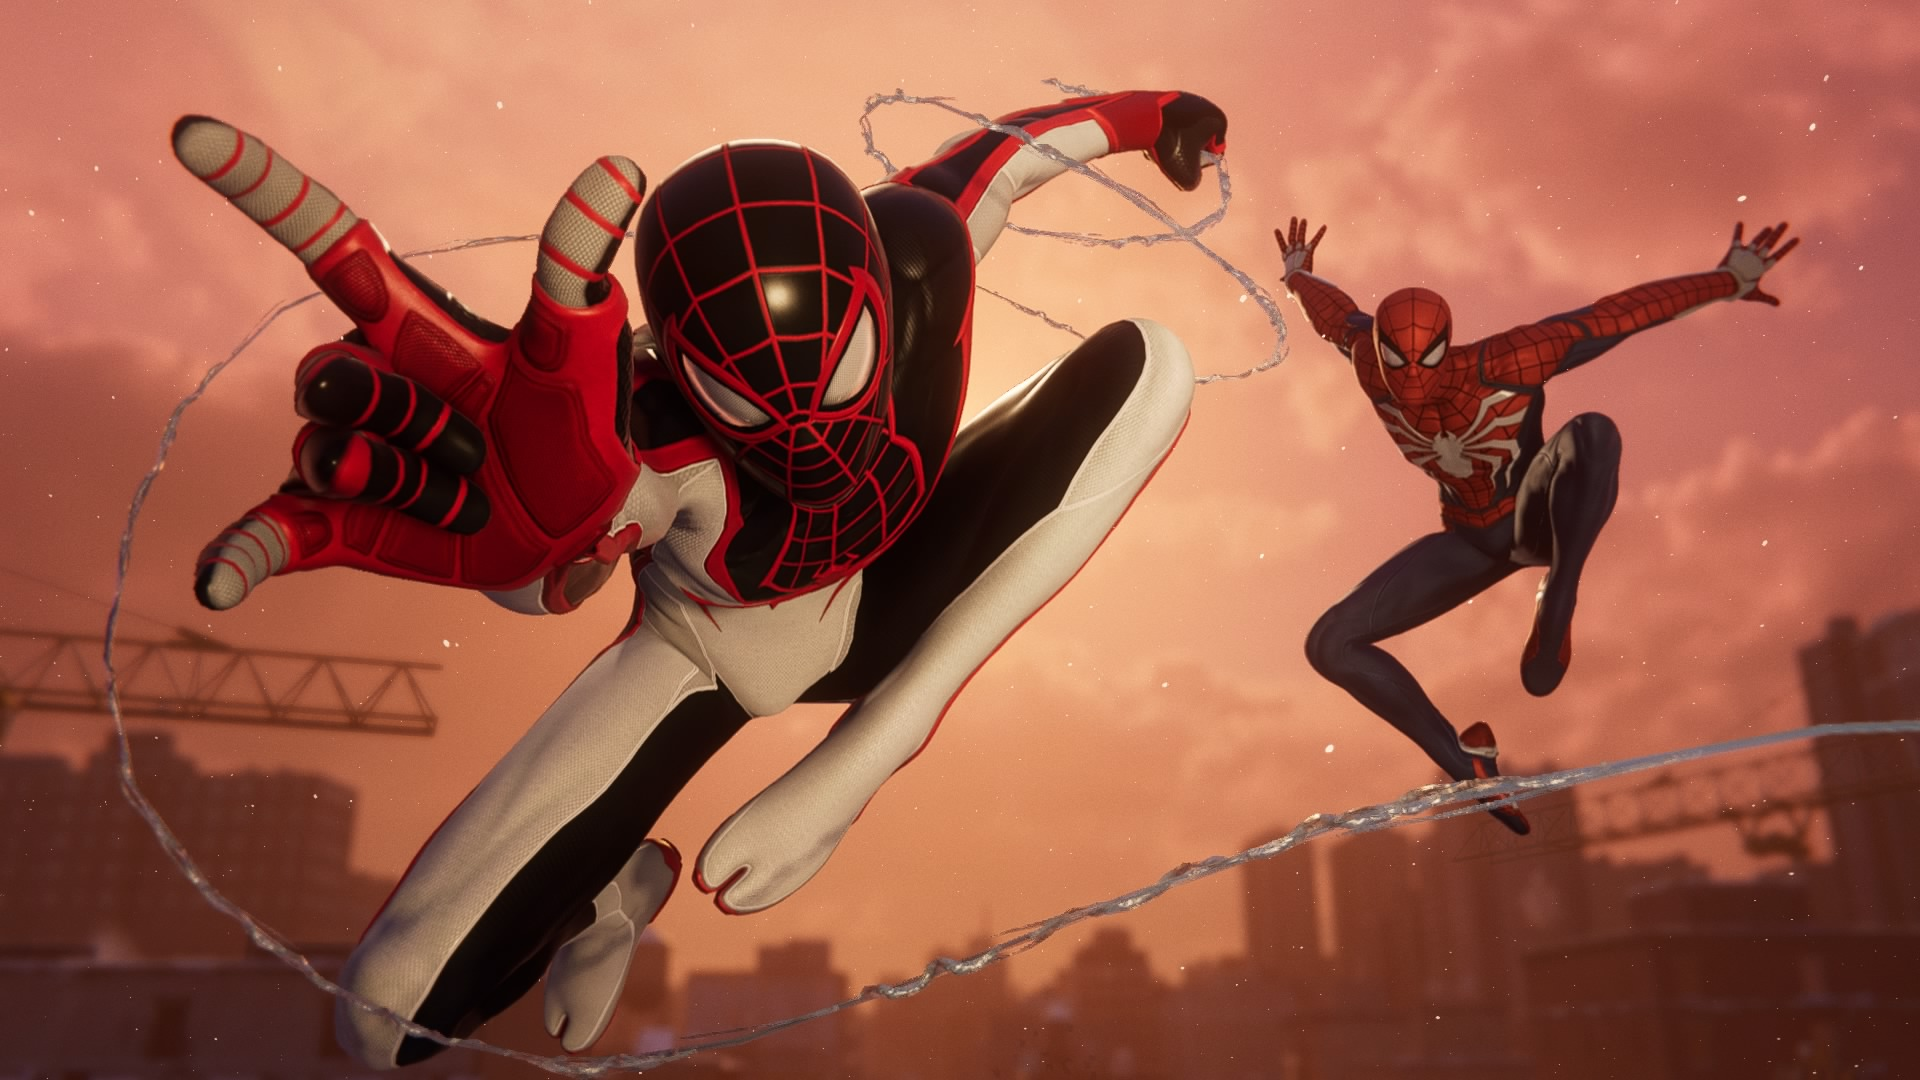 В Marvel's Spider-Man: Miles Morales для PlayStation 5 добавили режим с трассировкой лучей при 60 FPS